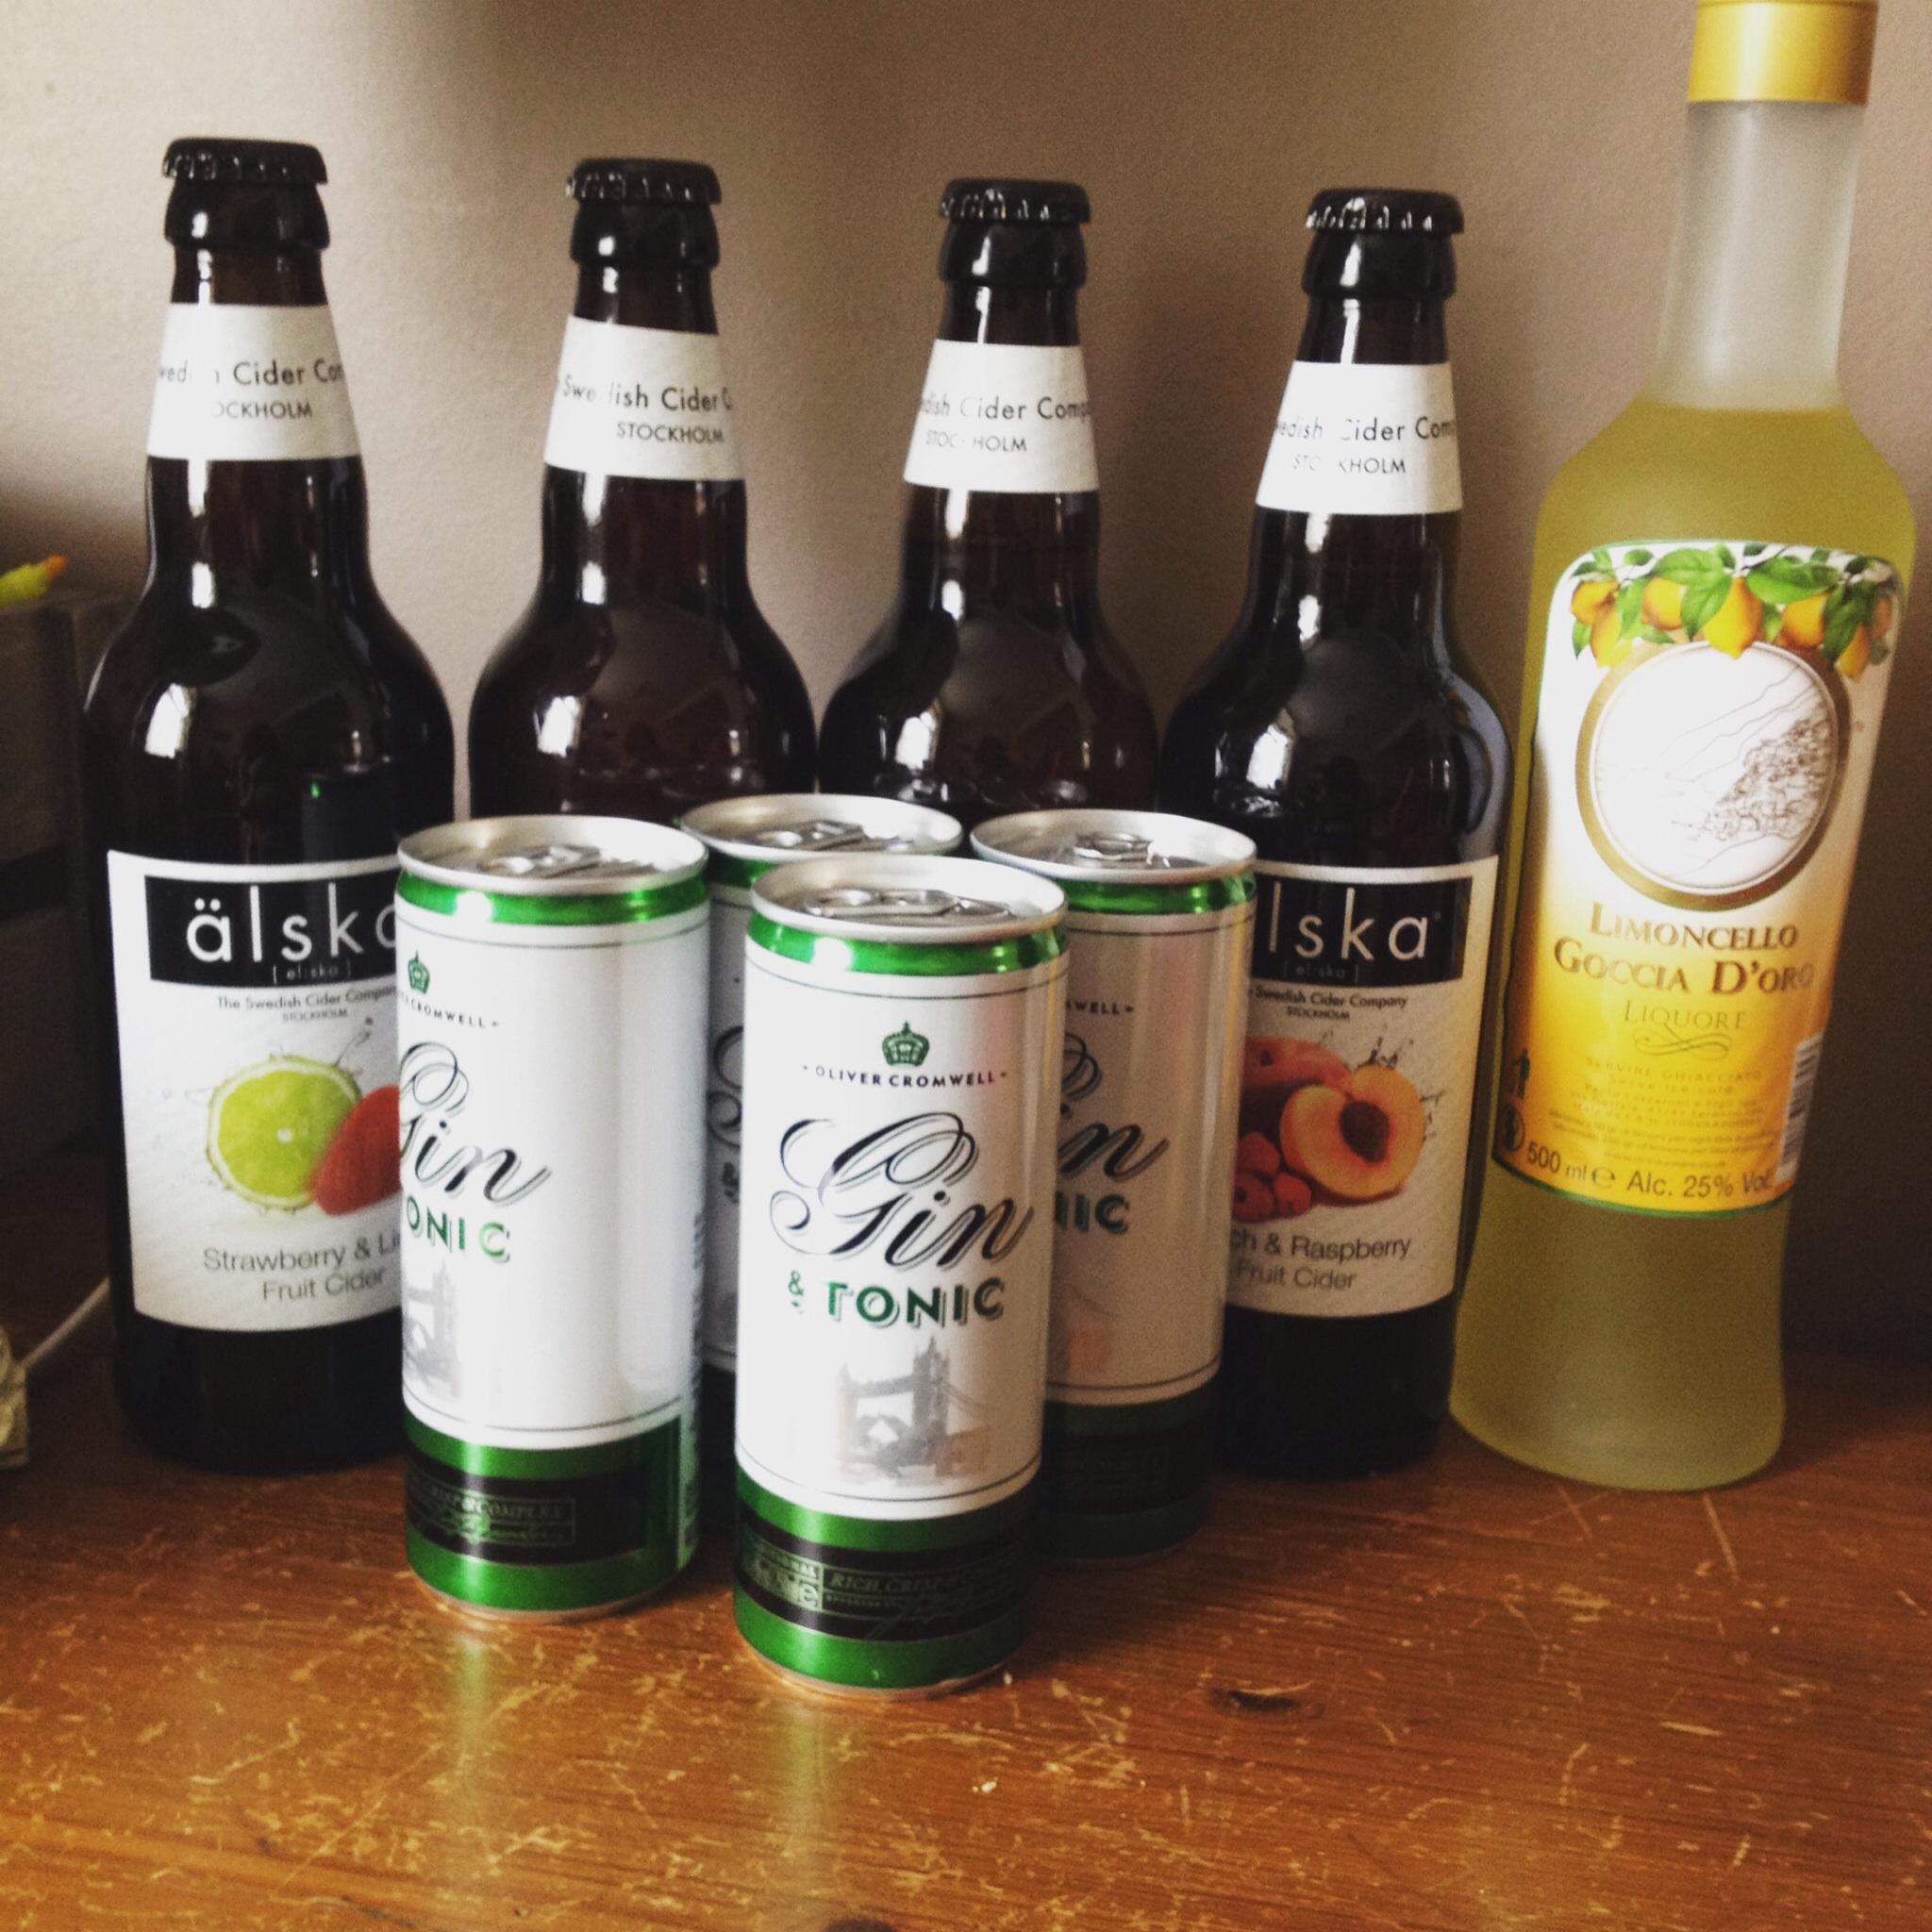 Aldi Alska cider, gin and tonic in a tin, limoncello